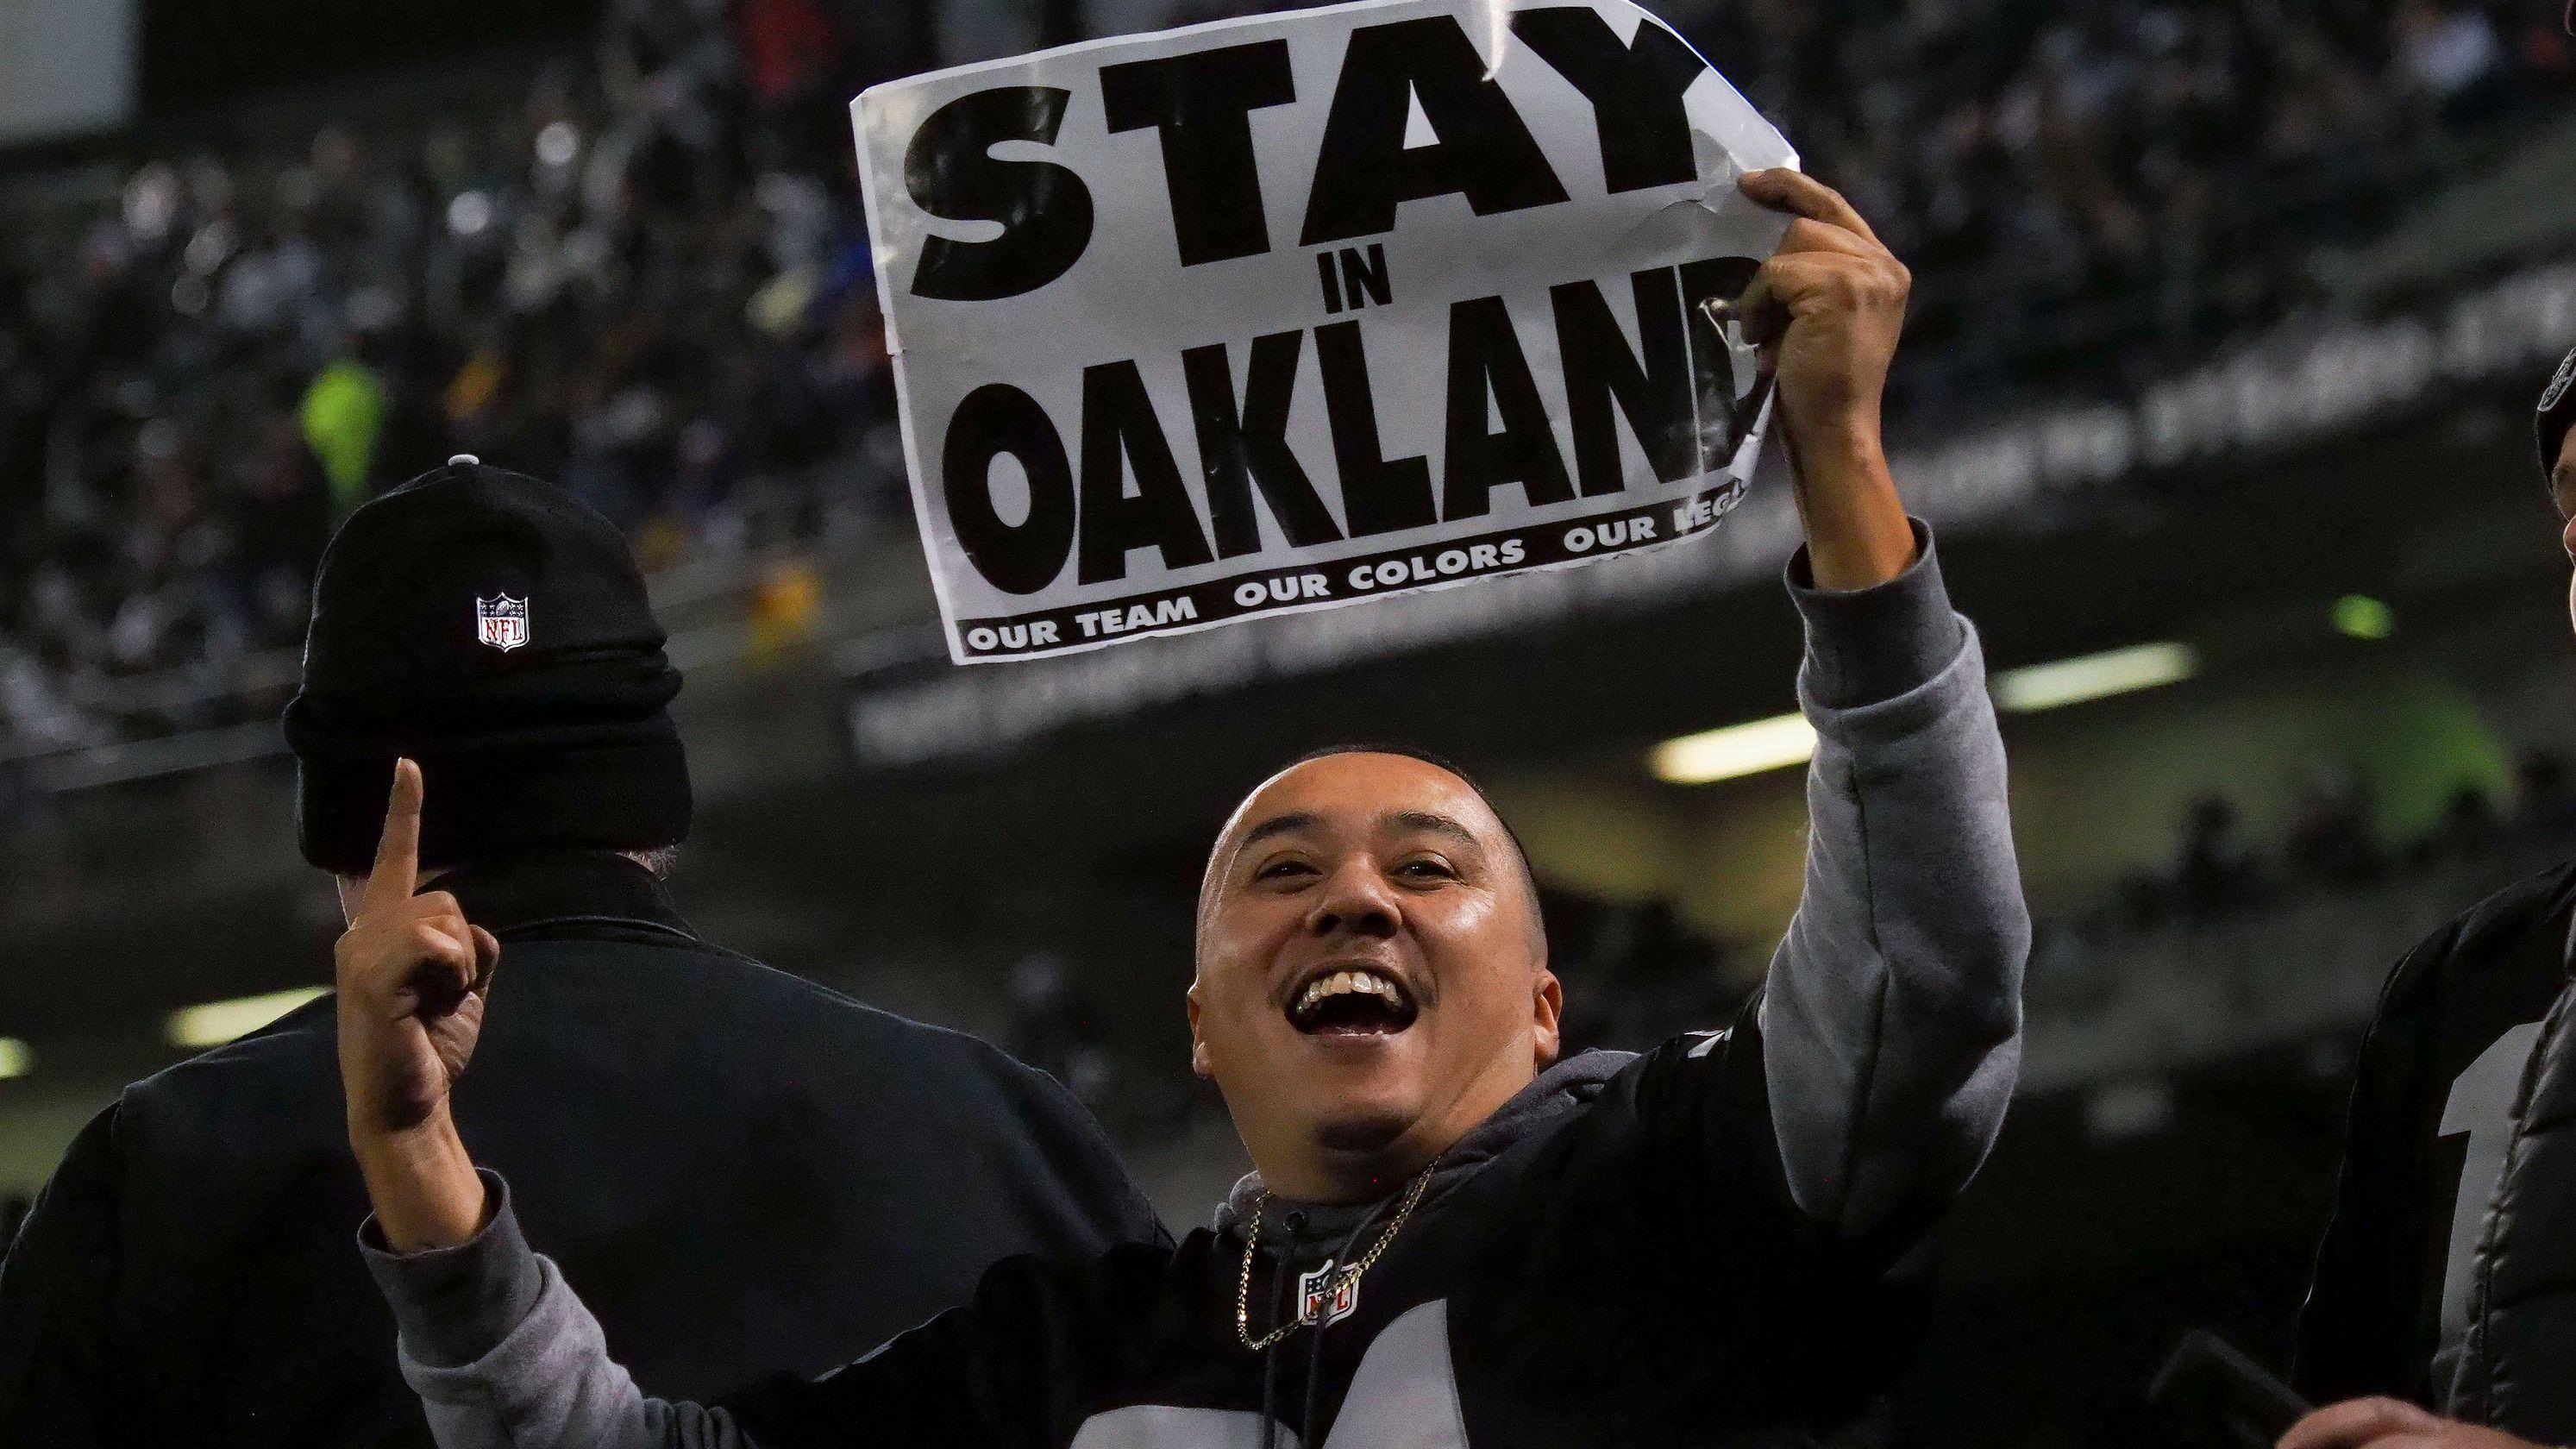 Raiders se reunirão com o Coliseum Authority para prorrogar o aluguel de Oakland